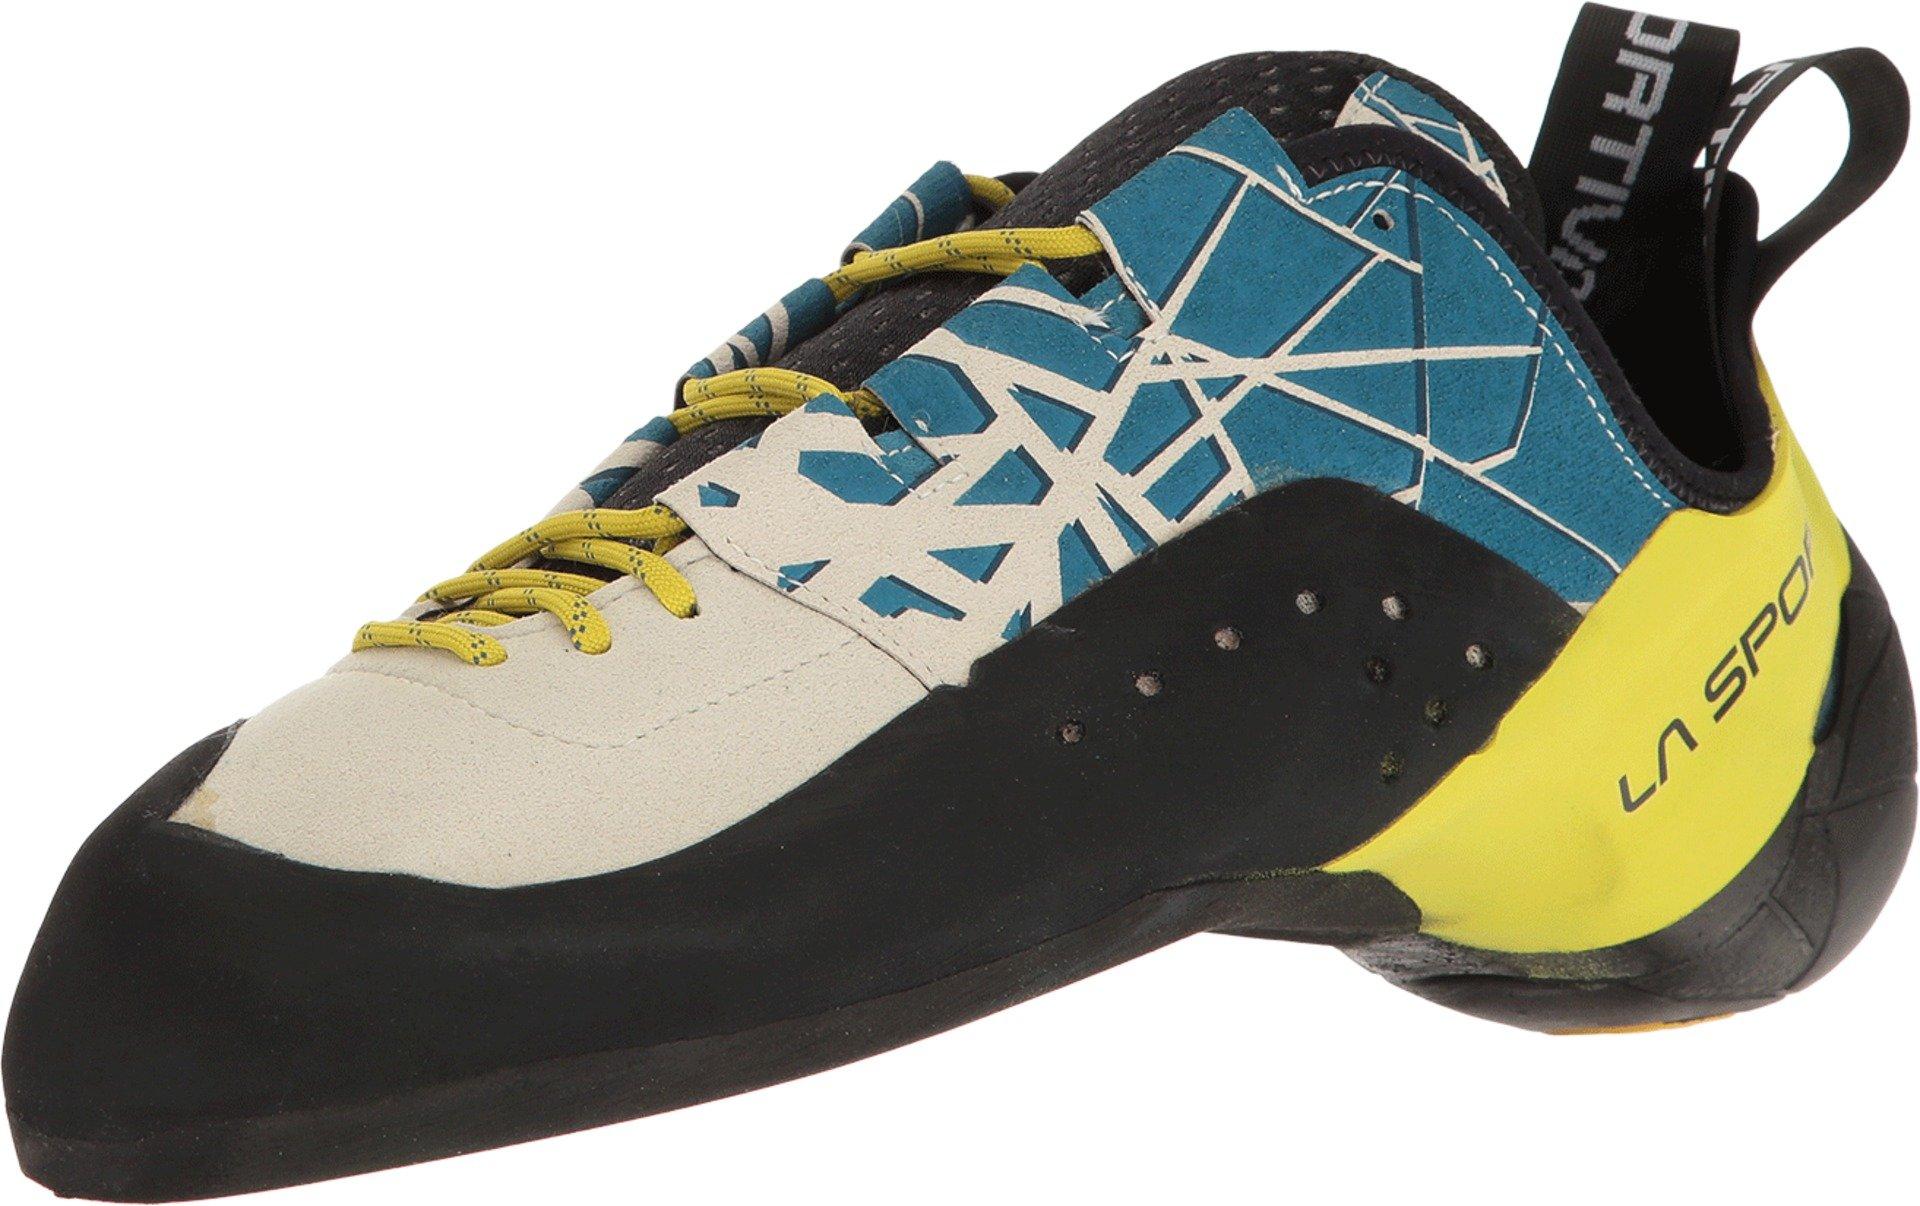 La Sportiva Men's Kataki Climbing Shoe, Ocean/Sulphur, 44 by La Sportiva